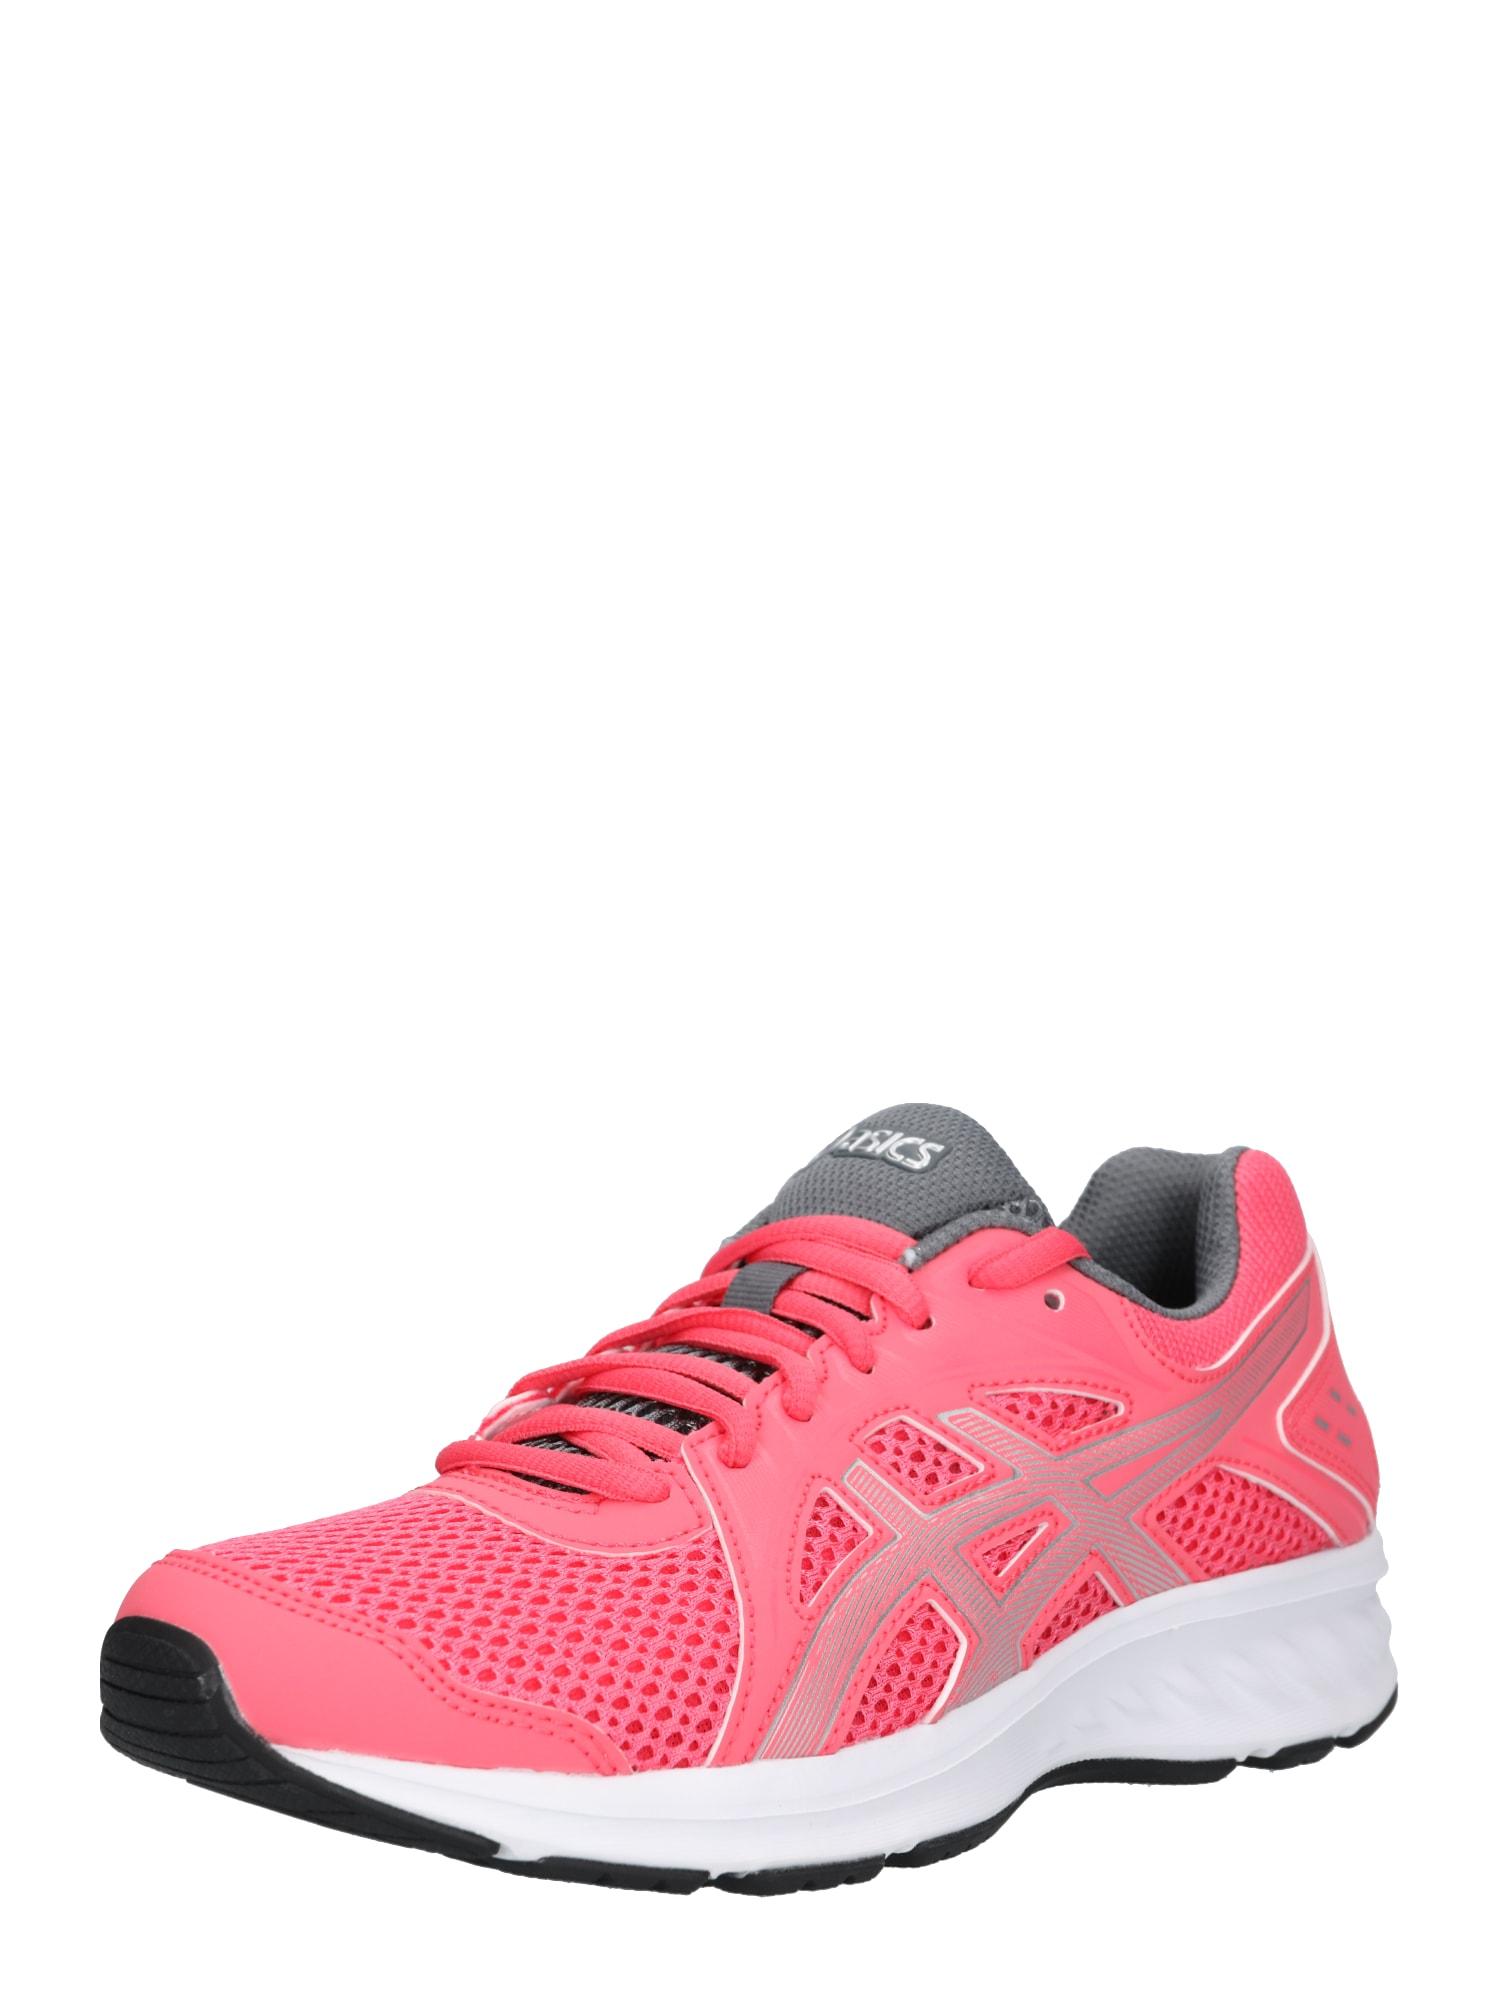 Běžecká obuv Jolt 2 tmavě šedá pink ASICS